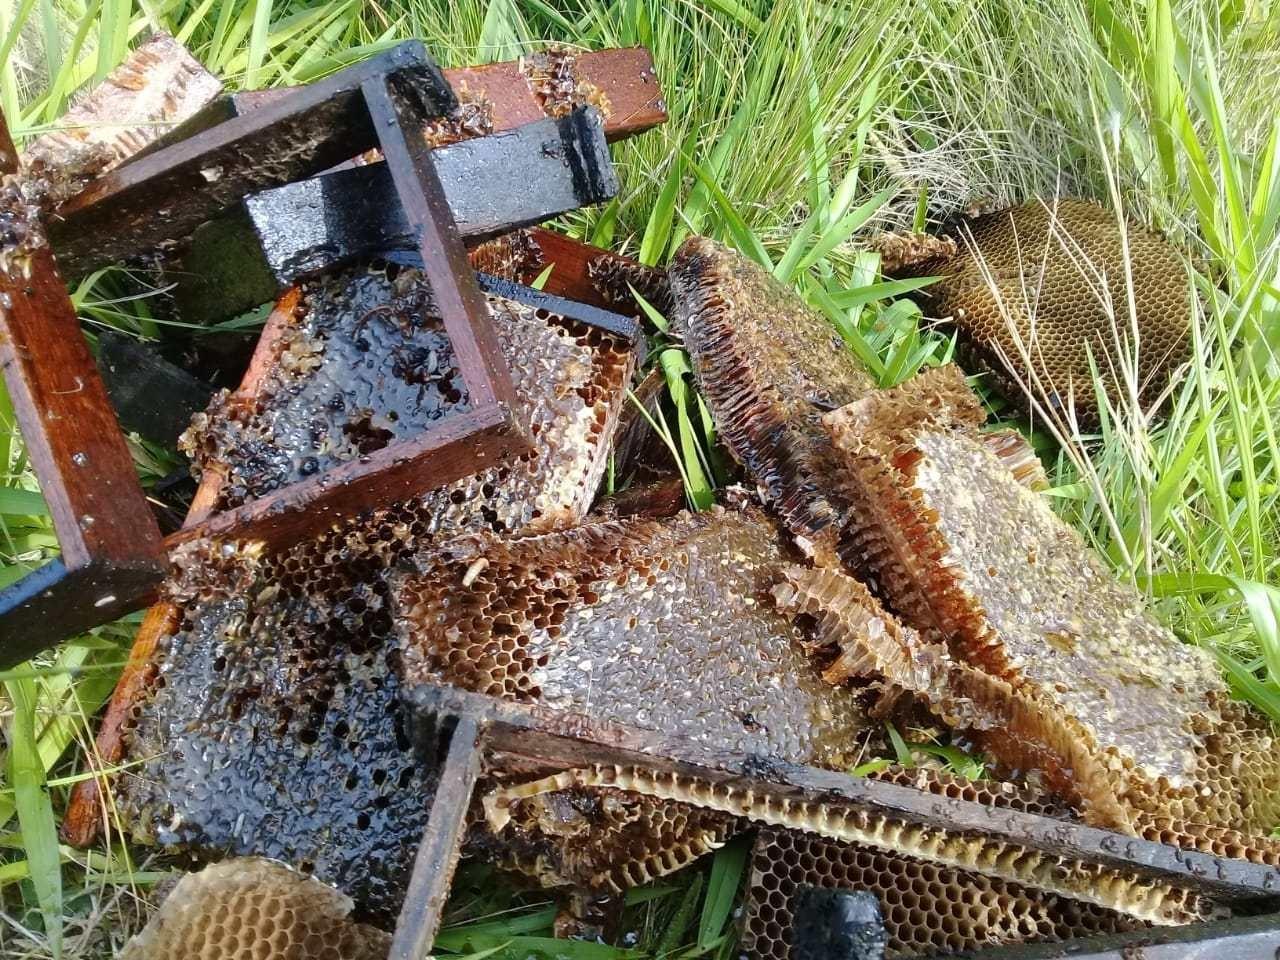 Cerca de 100 milhões de abelhas foram encontradas mortas em Cruz Alta apenas no último trimestre (Foto: Salvador Gonçalves/Apicruz)